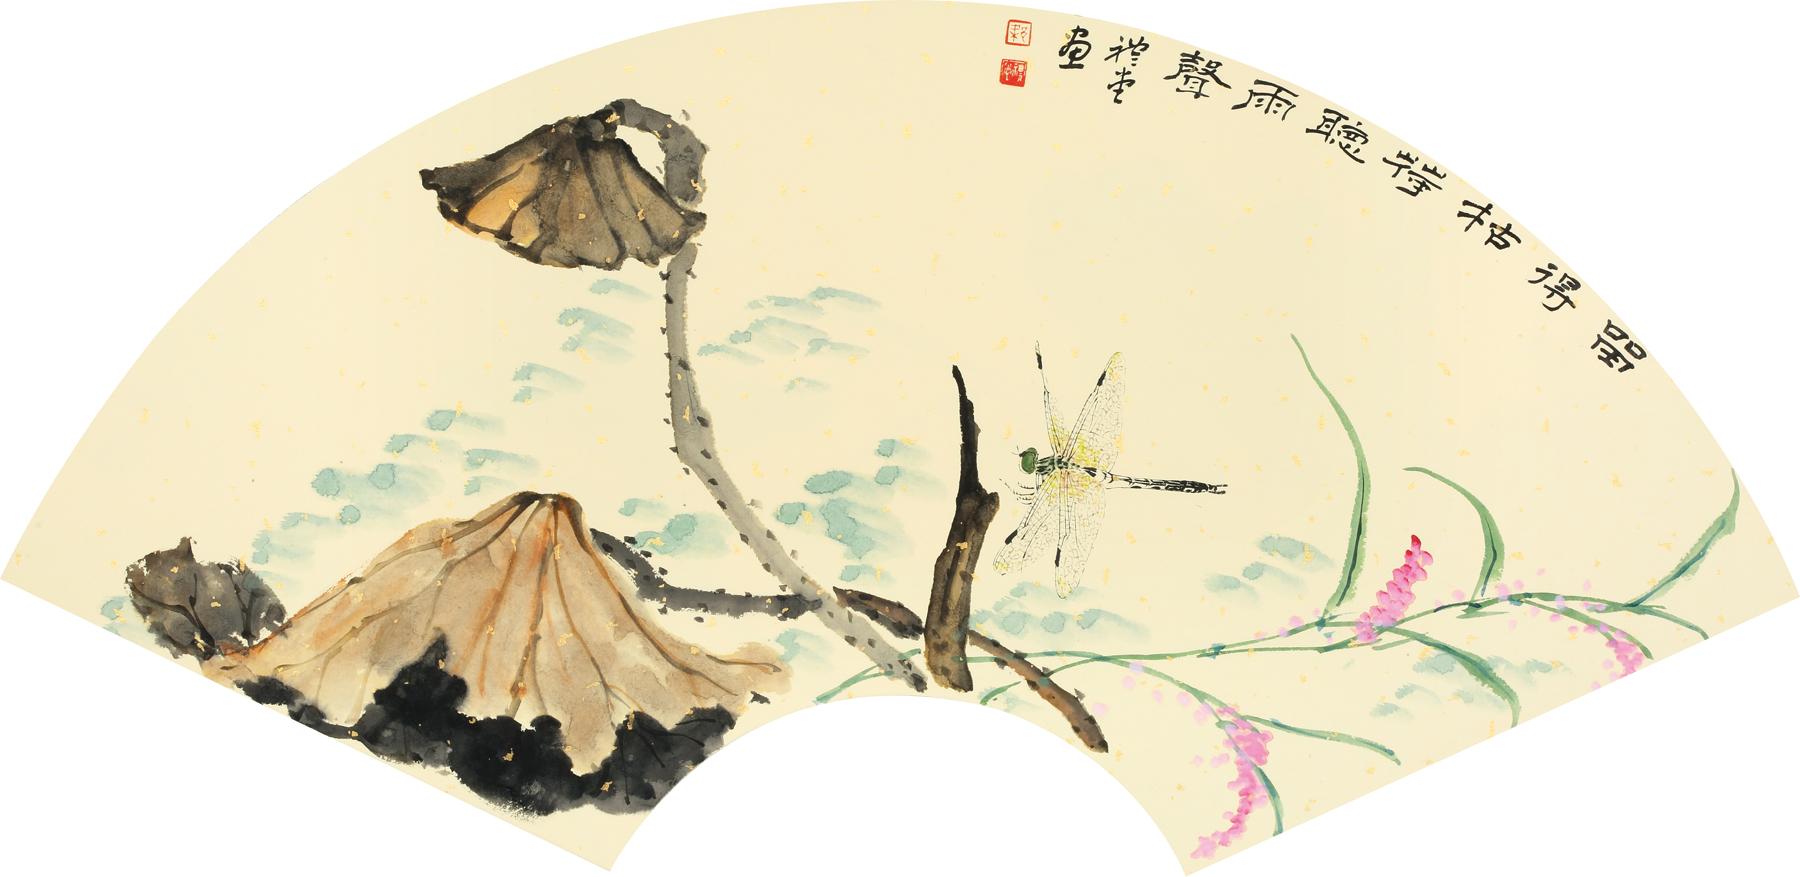 想见江南 ——荷花(3).jpg